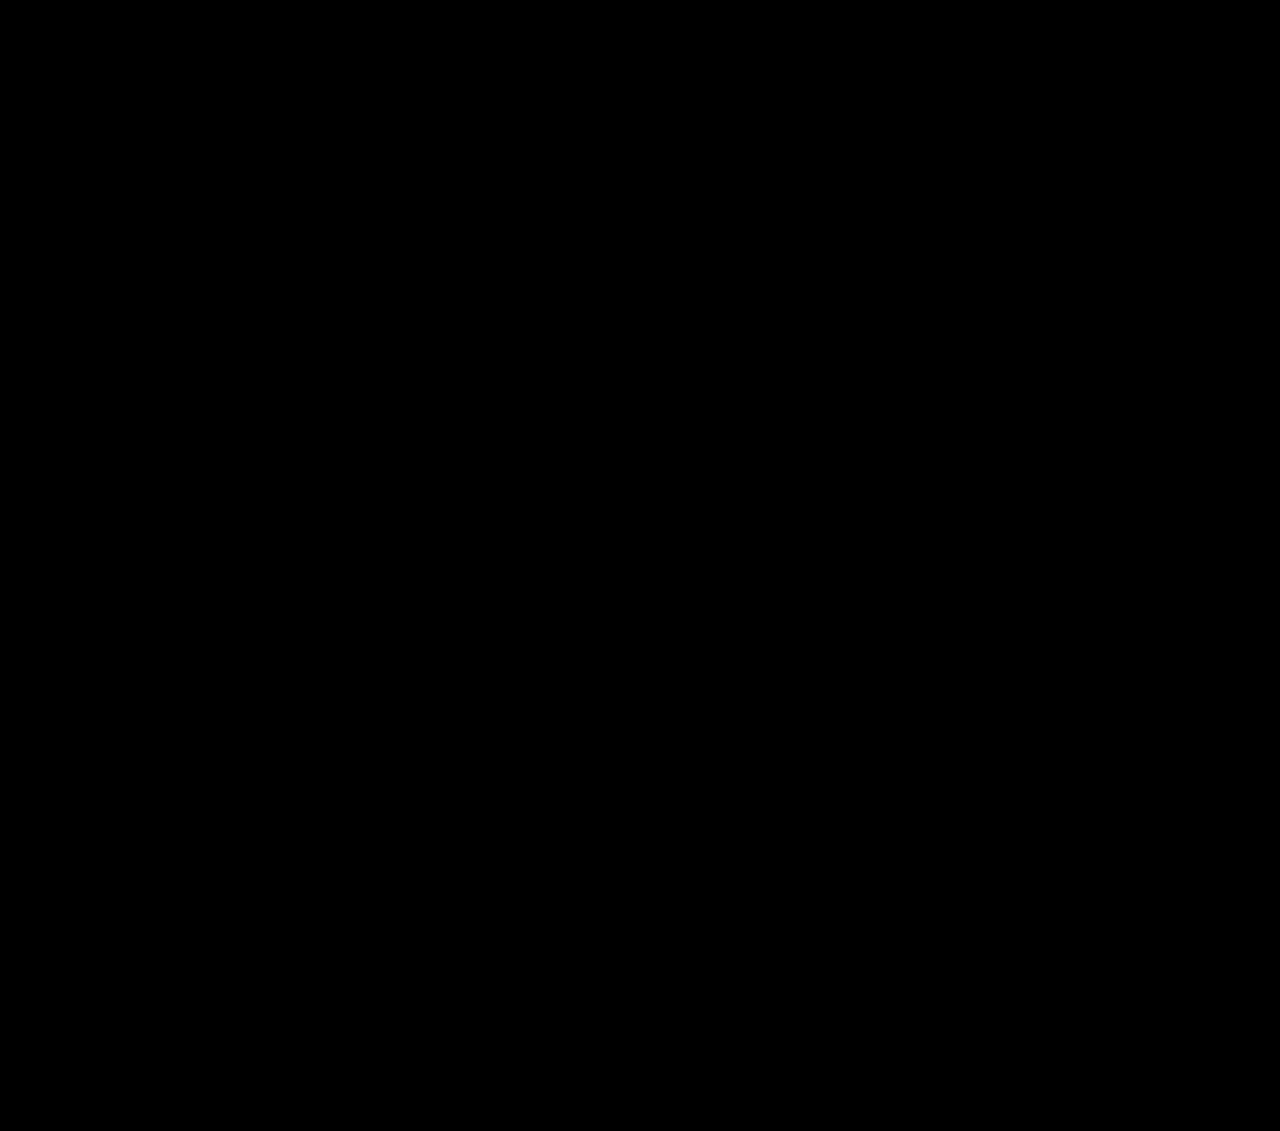 все атом картинка черно белая просто